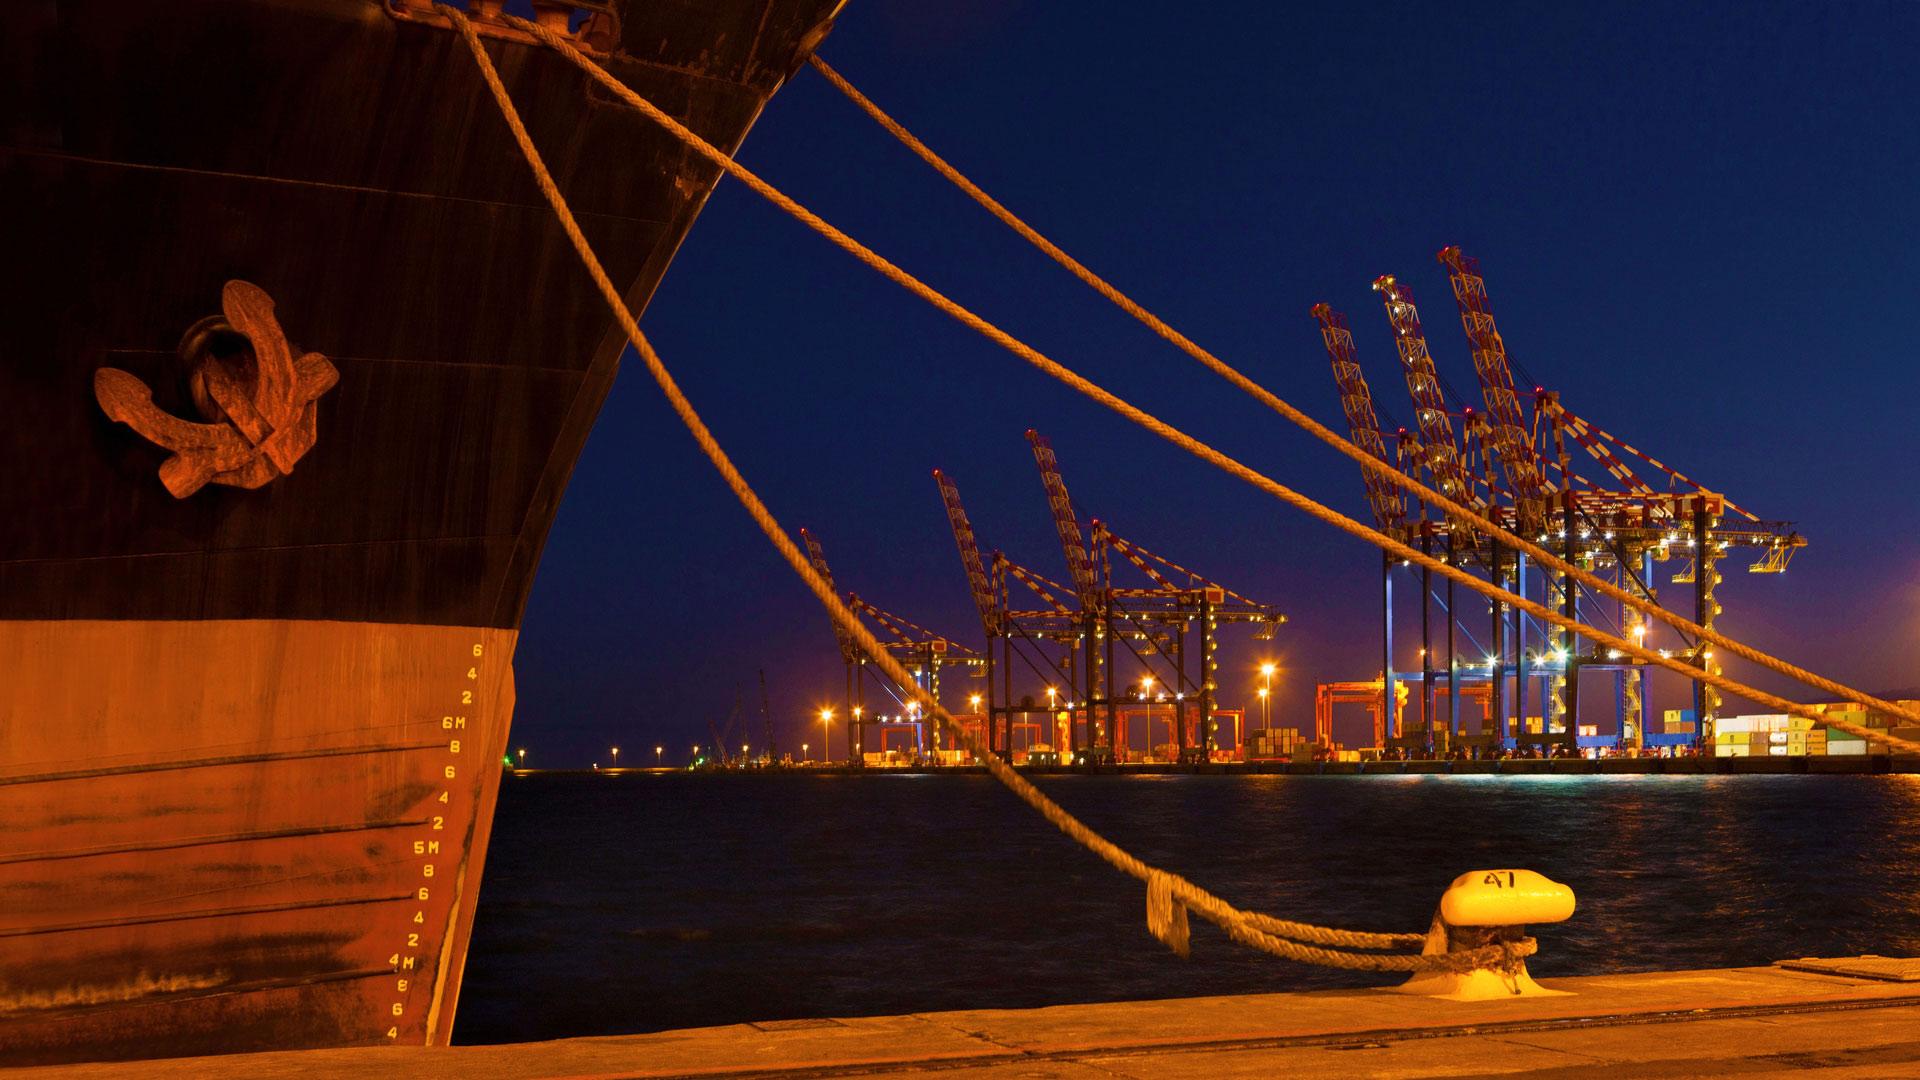 「ケープタウン港」南アフリカ, ケープタウン (© Zero Creatives/Science Photo Library)